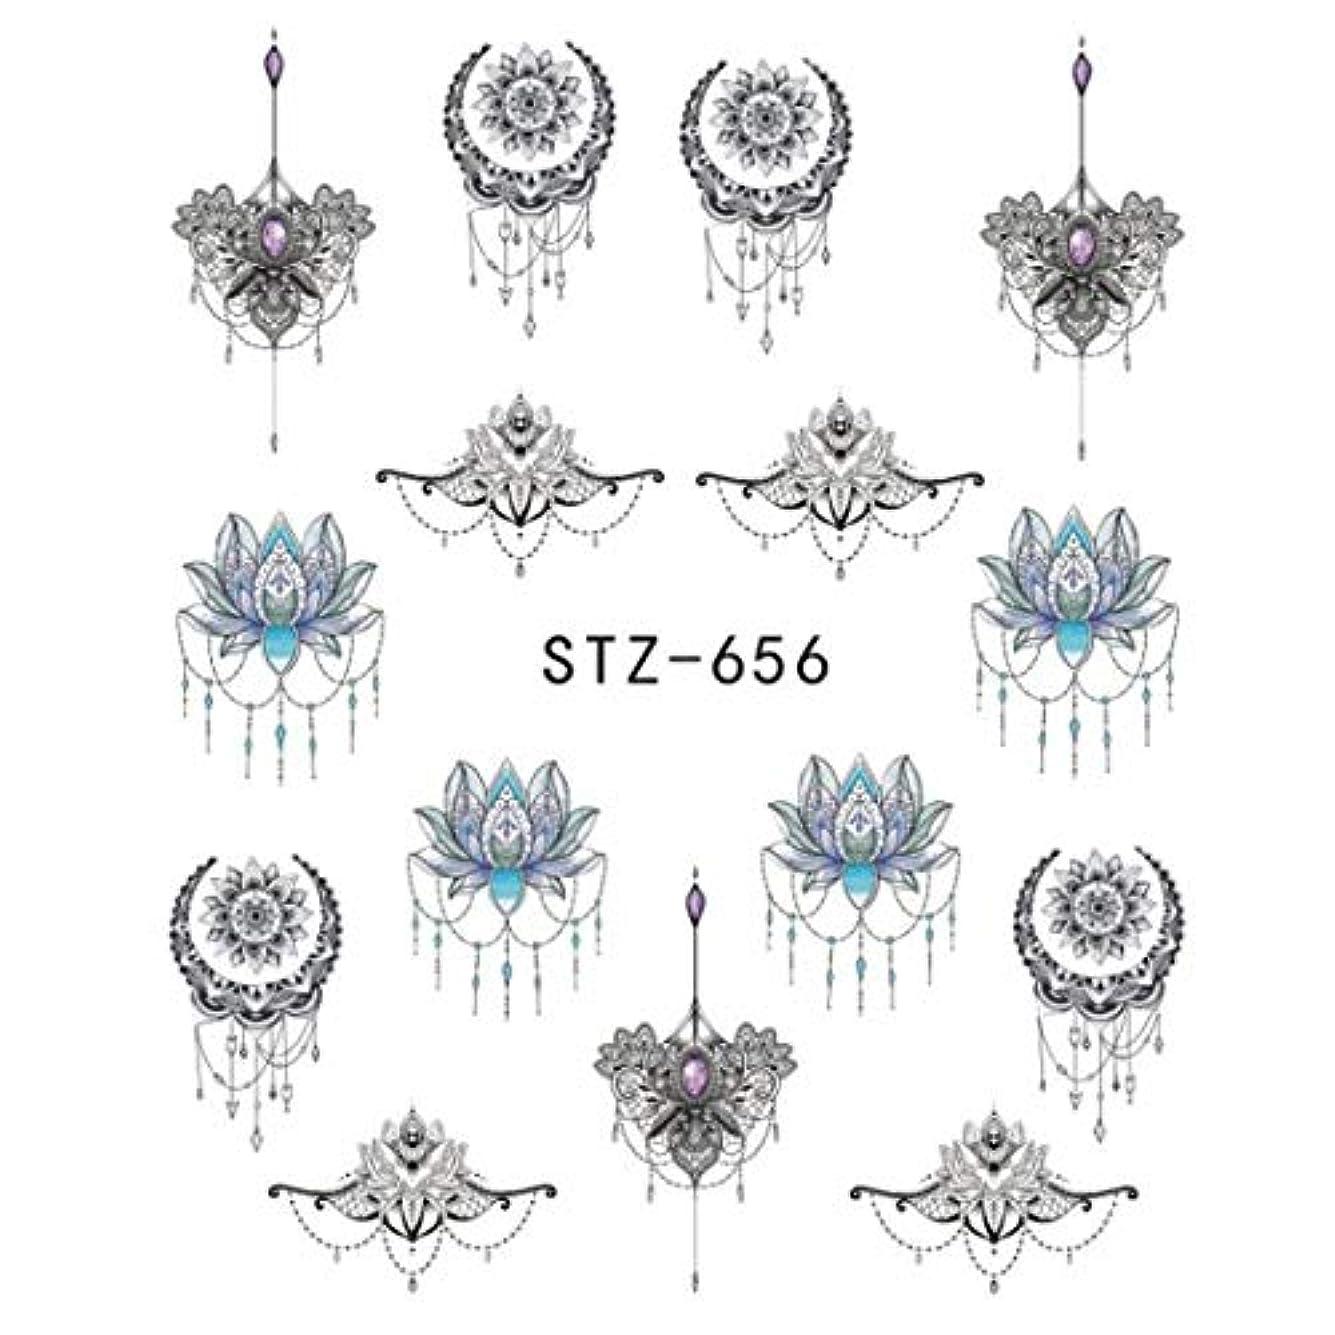 不確実集計試みるSUKTI&XIAO ネイルステッカー 1ピースゴージャスネックレスブラックレッドブルーステッカーネイルアートタトゥー水爪デザインネイルステッカー、Stz656